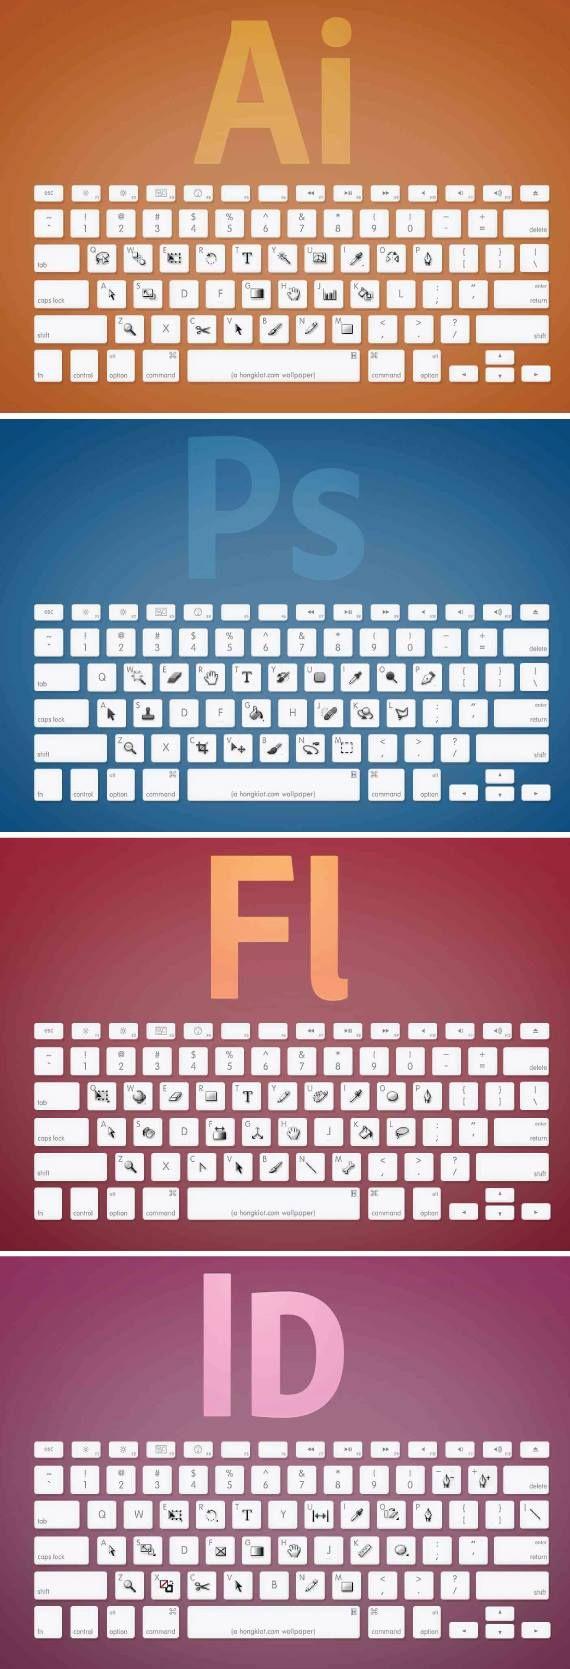 Adobe apps keyboard shortcuts